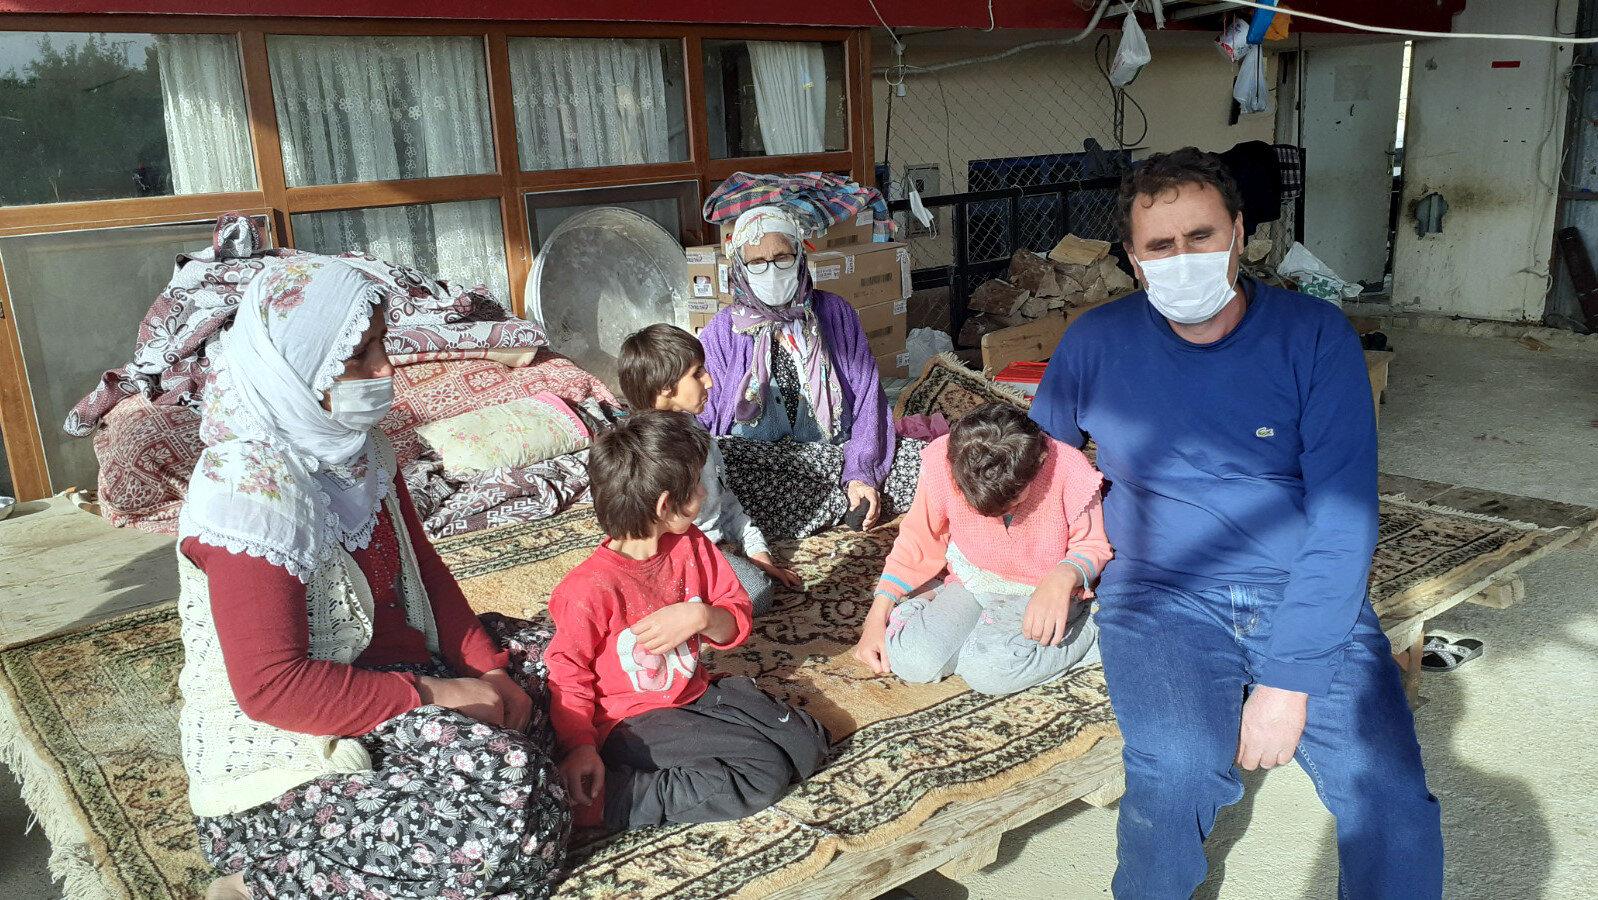 Talihsiz çocuğun babası Veli Dın (43), engelli 3 kızı olduğunu, engelli olmayan tek çocuğunun ise koronavirüs yüzünden öldüğünü söyledi.